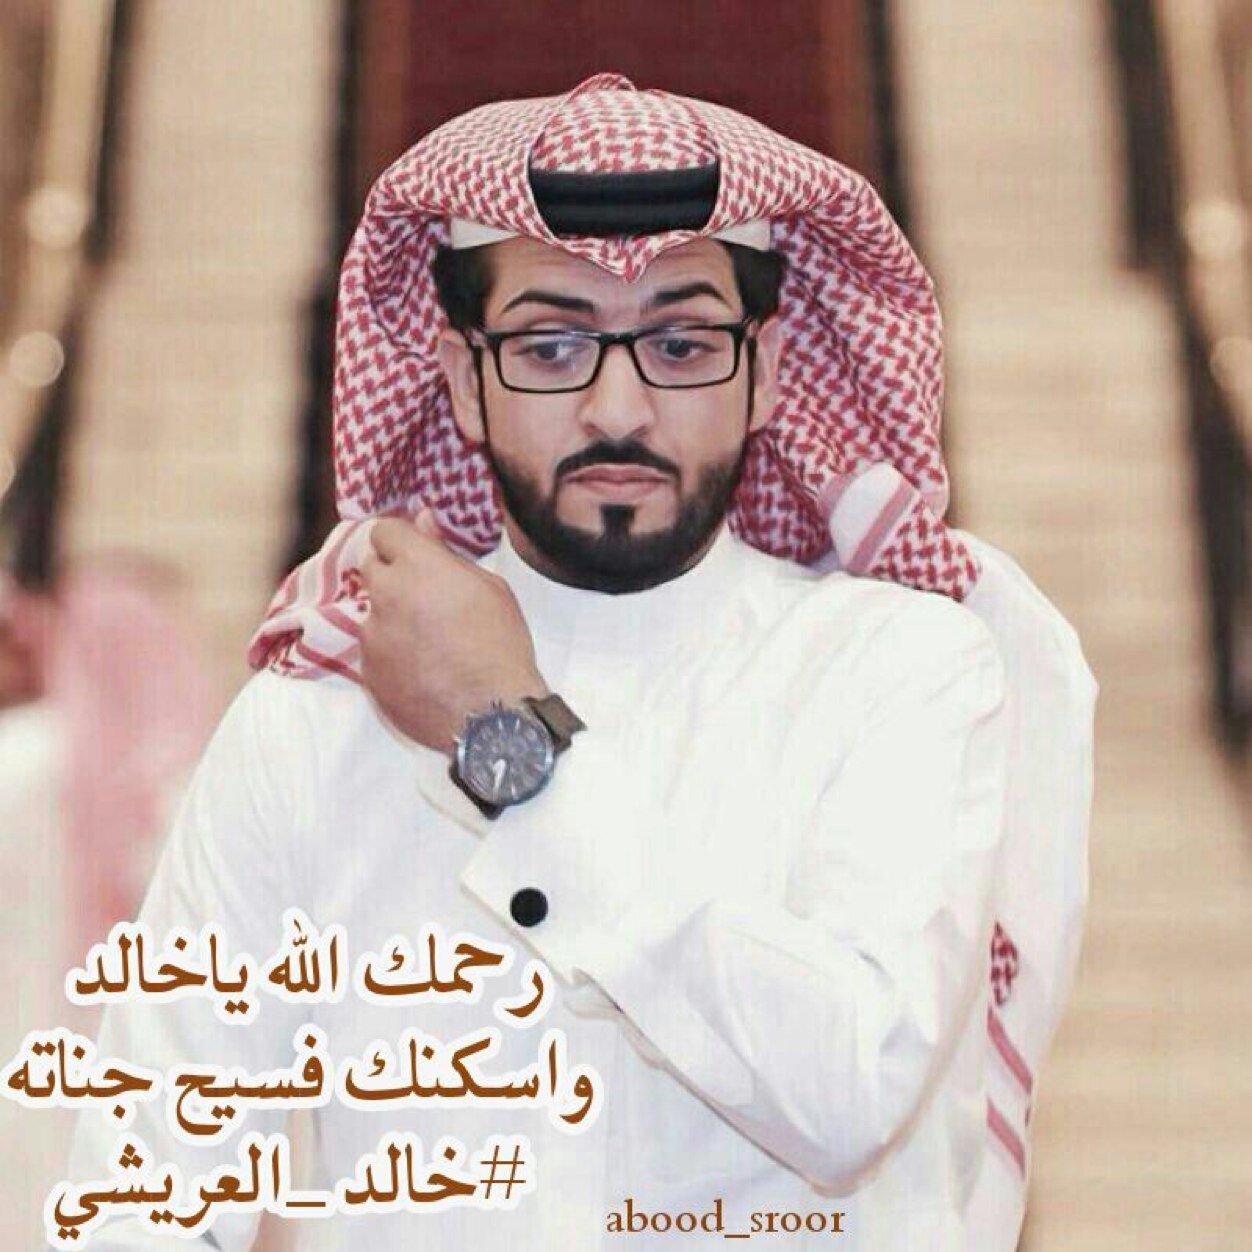 مكان جنازة الاعلامي خالد عريشي يوم الاربعاء 8-7-1435